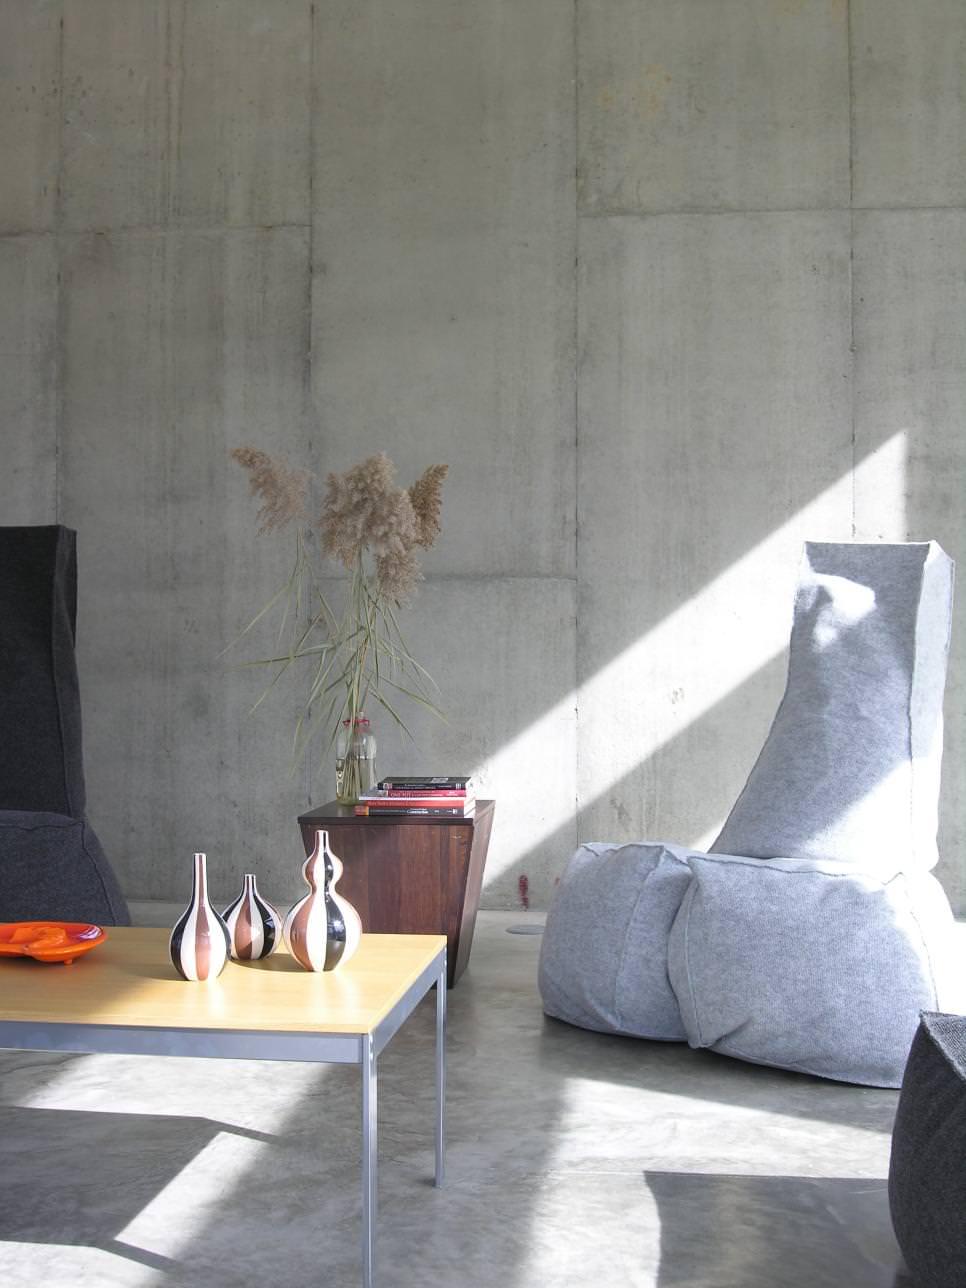 concreto na decoracao arquiteta 7 - A tendência do concreto na decoração